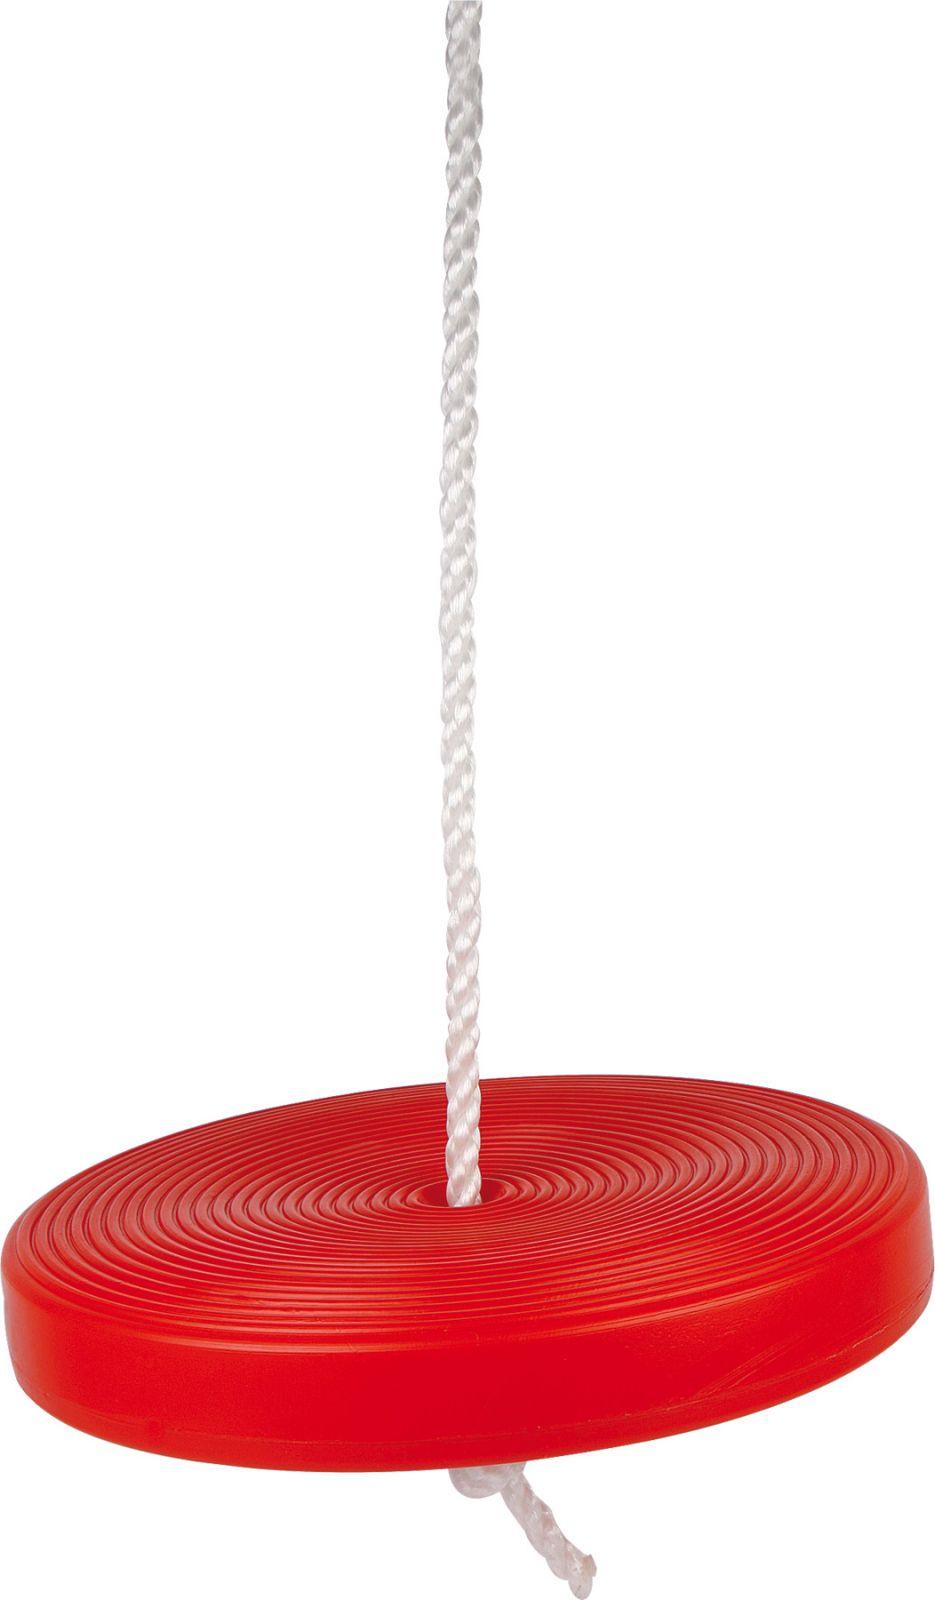 Dřevěné hračky Small Foot Plastová houpačka swift červená Small foot by Legler